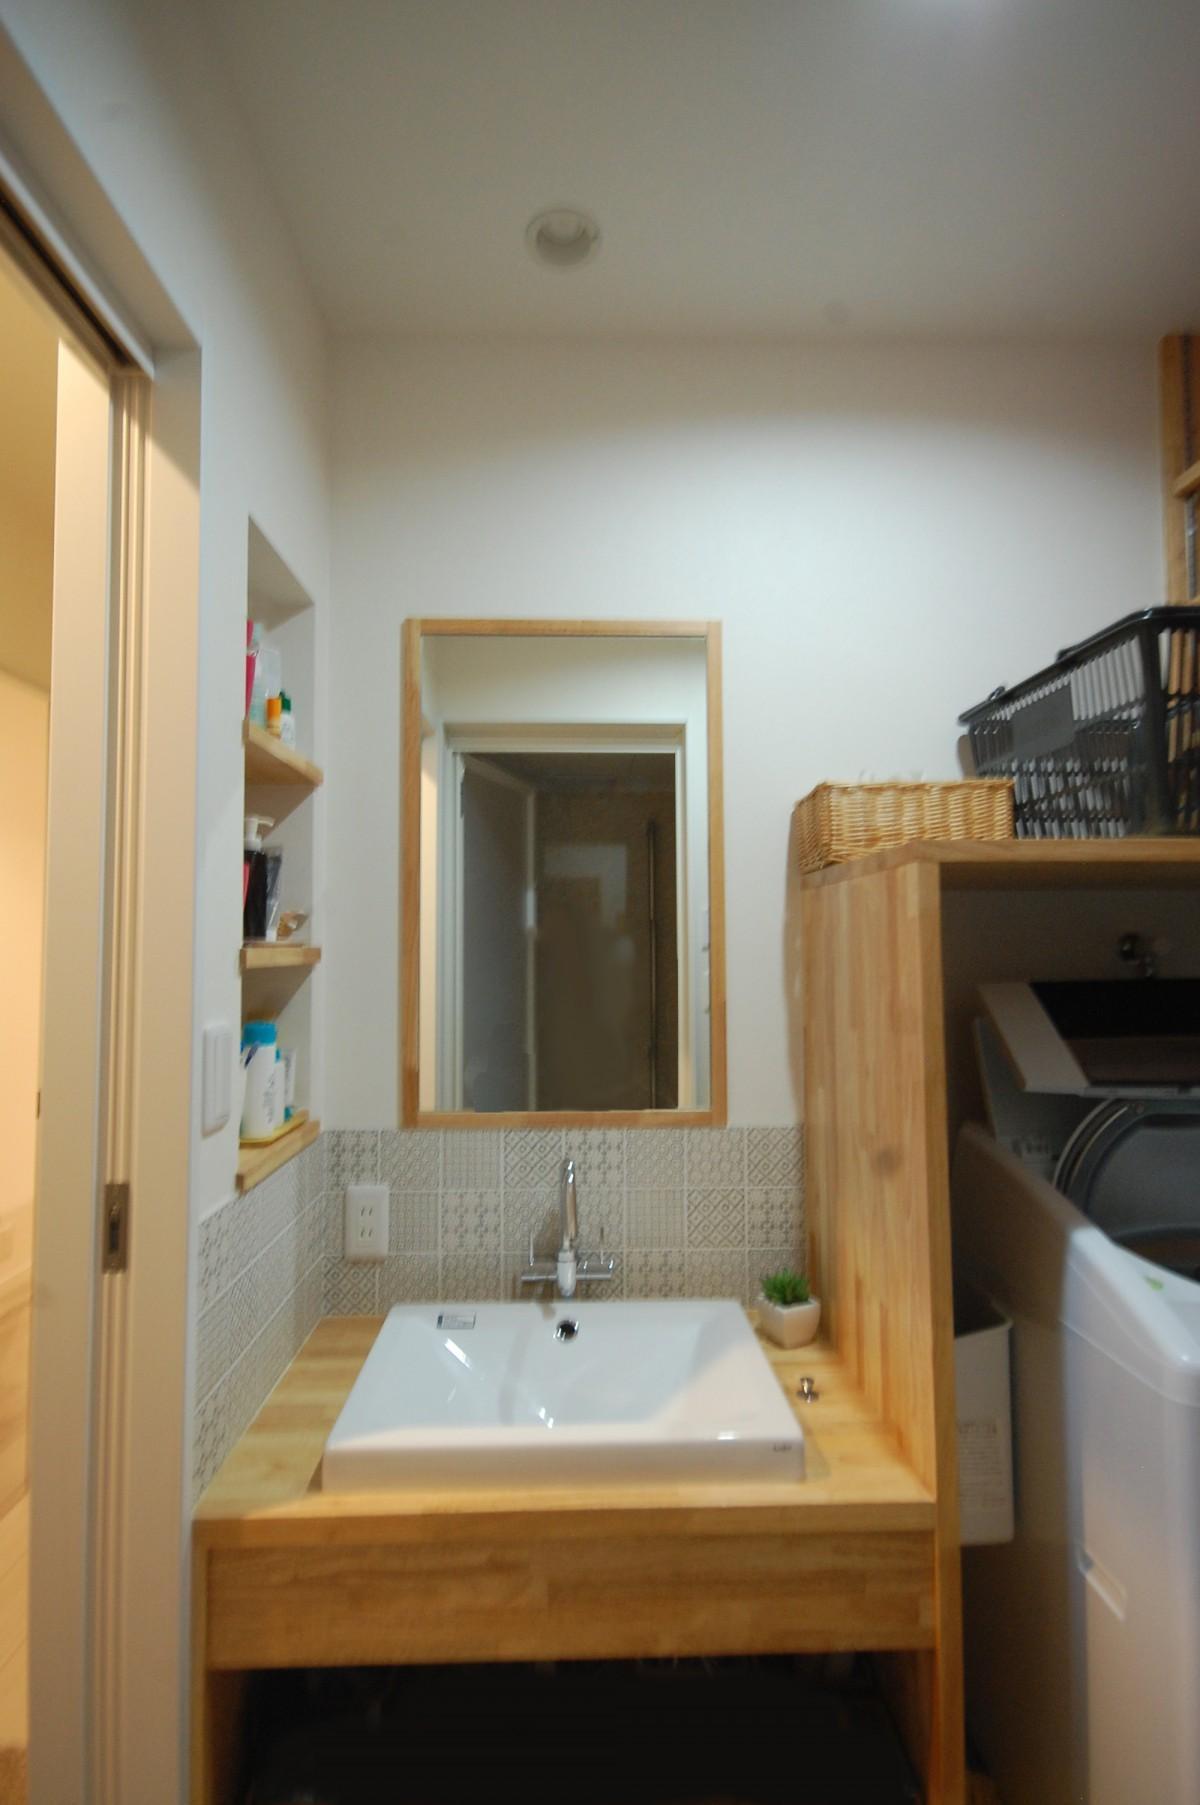 棚や収納をたくさん作り、すっきり片付くように